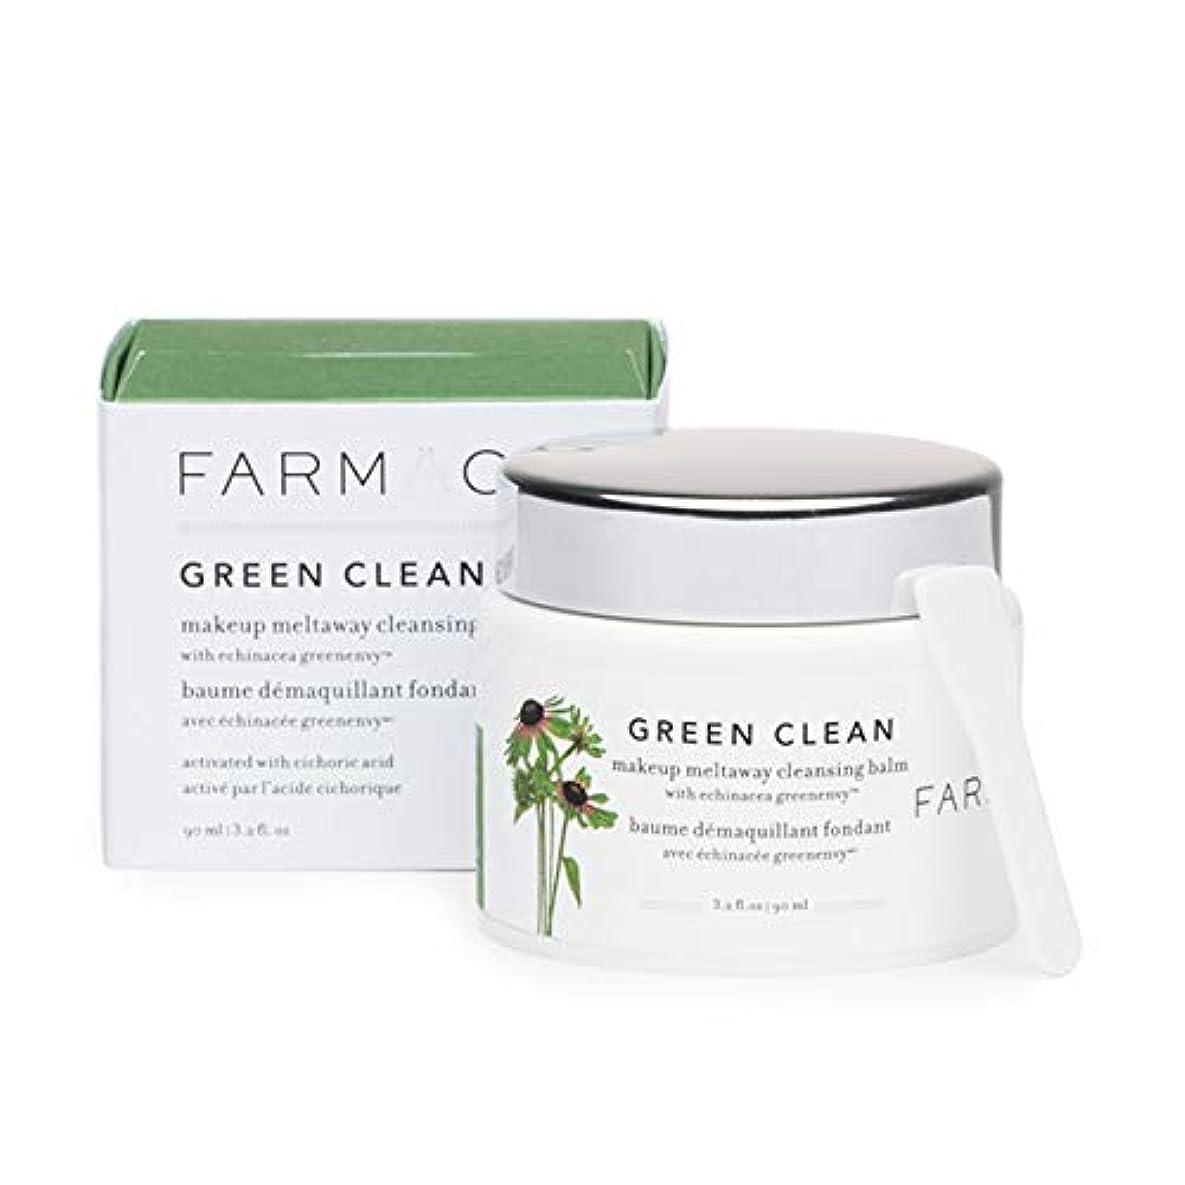 届けるミュージカル兵器庫[FARMACY] GREEN CLEAN 90ml / ファーマシーグリーンクリーン 90ml [並行輸入品]